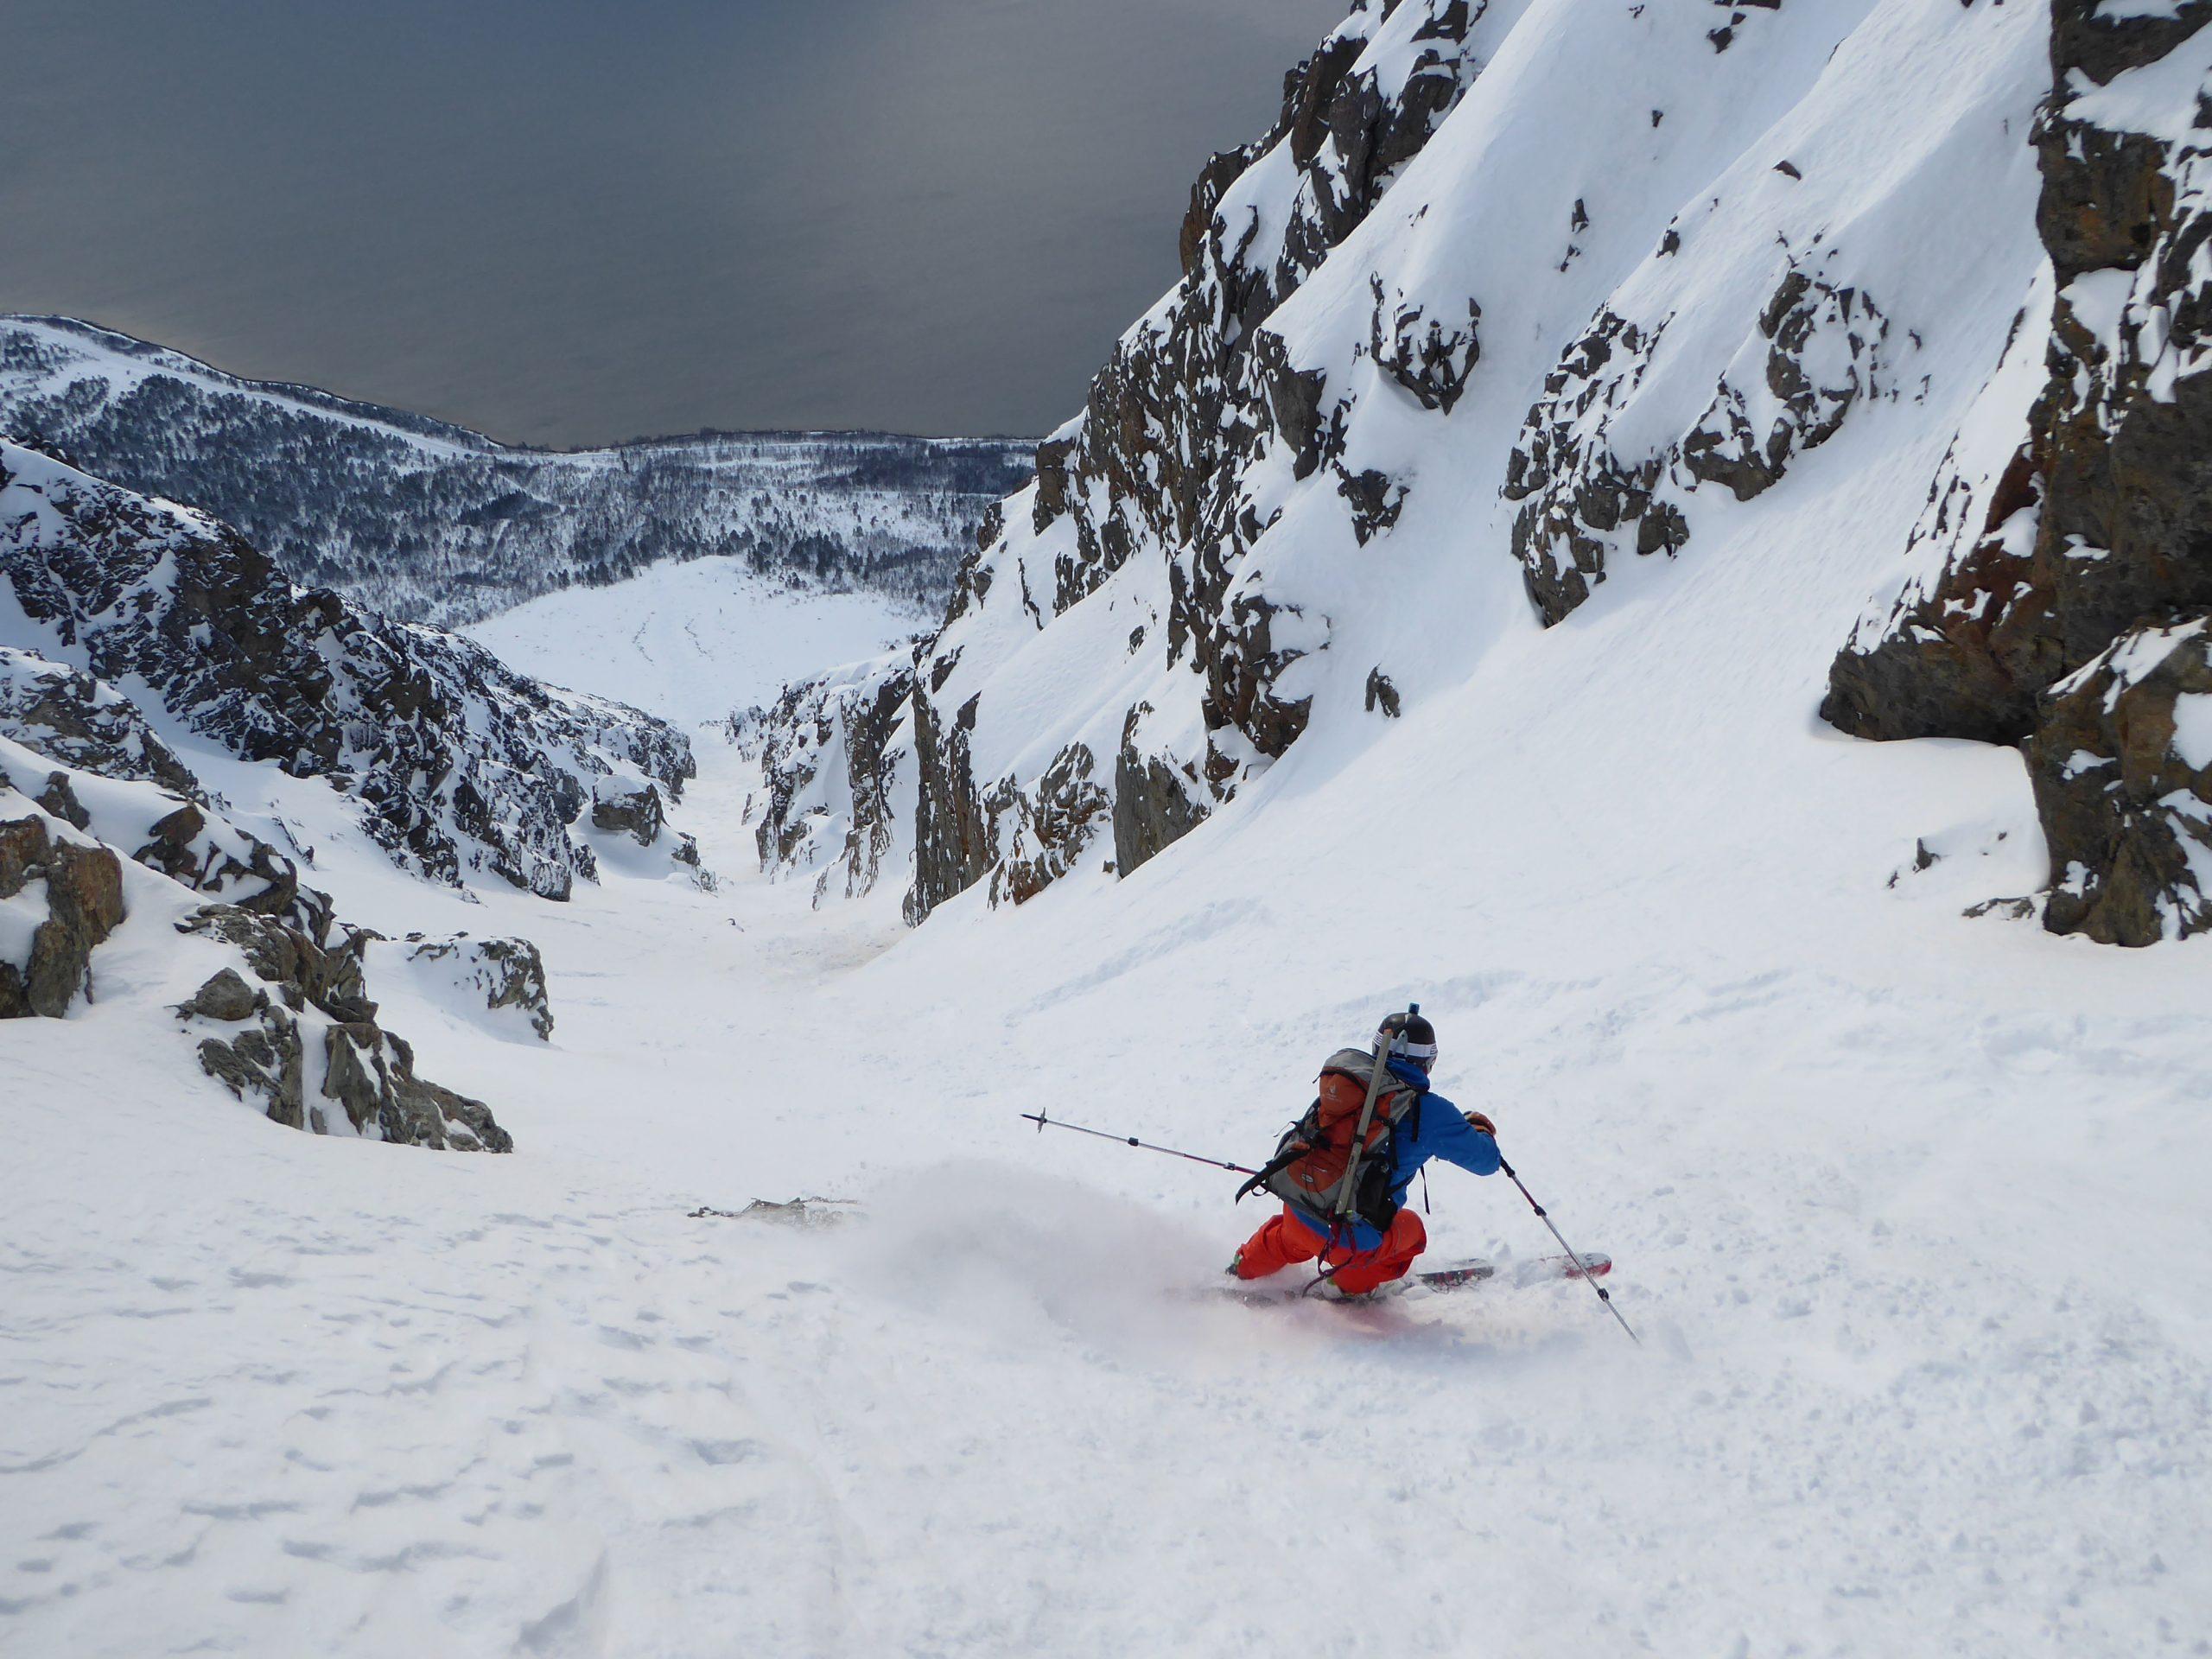 Freeride, esquí en fuertes pendientes. Alpes de Lyngen, Noruega